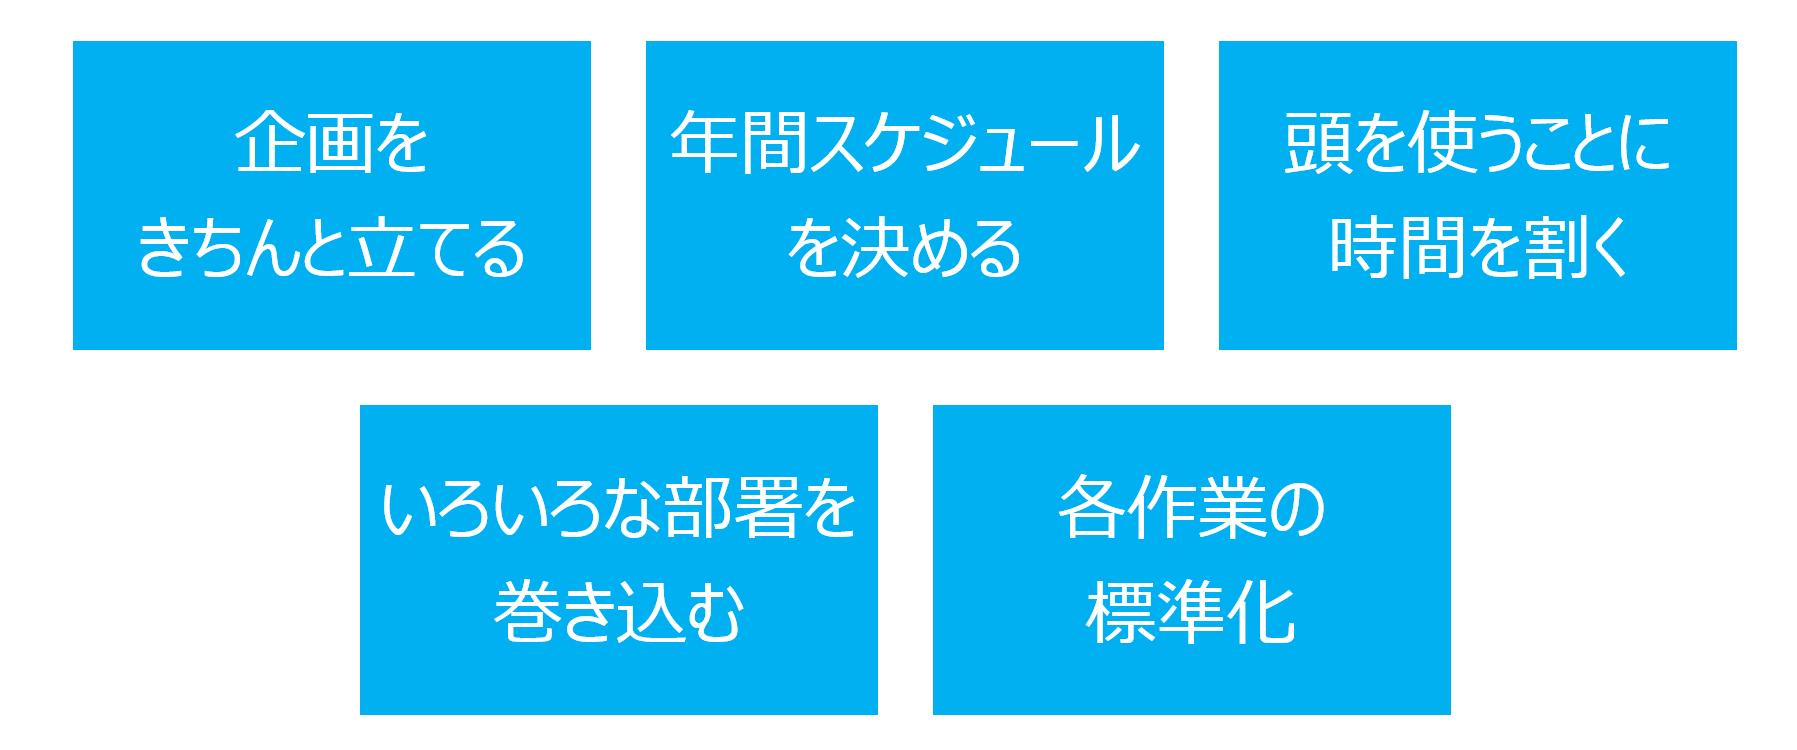 運用体制をきちんと組み上げるための5つのポイント